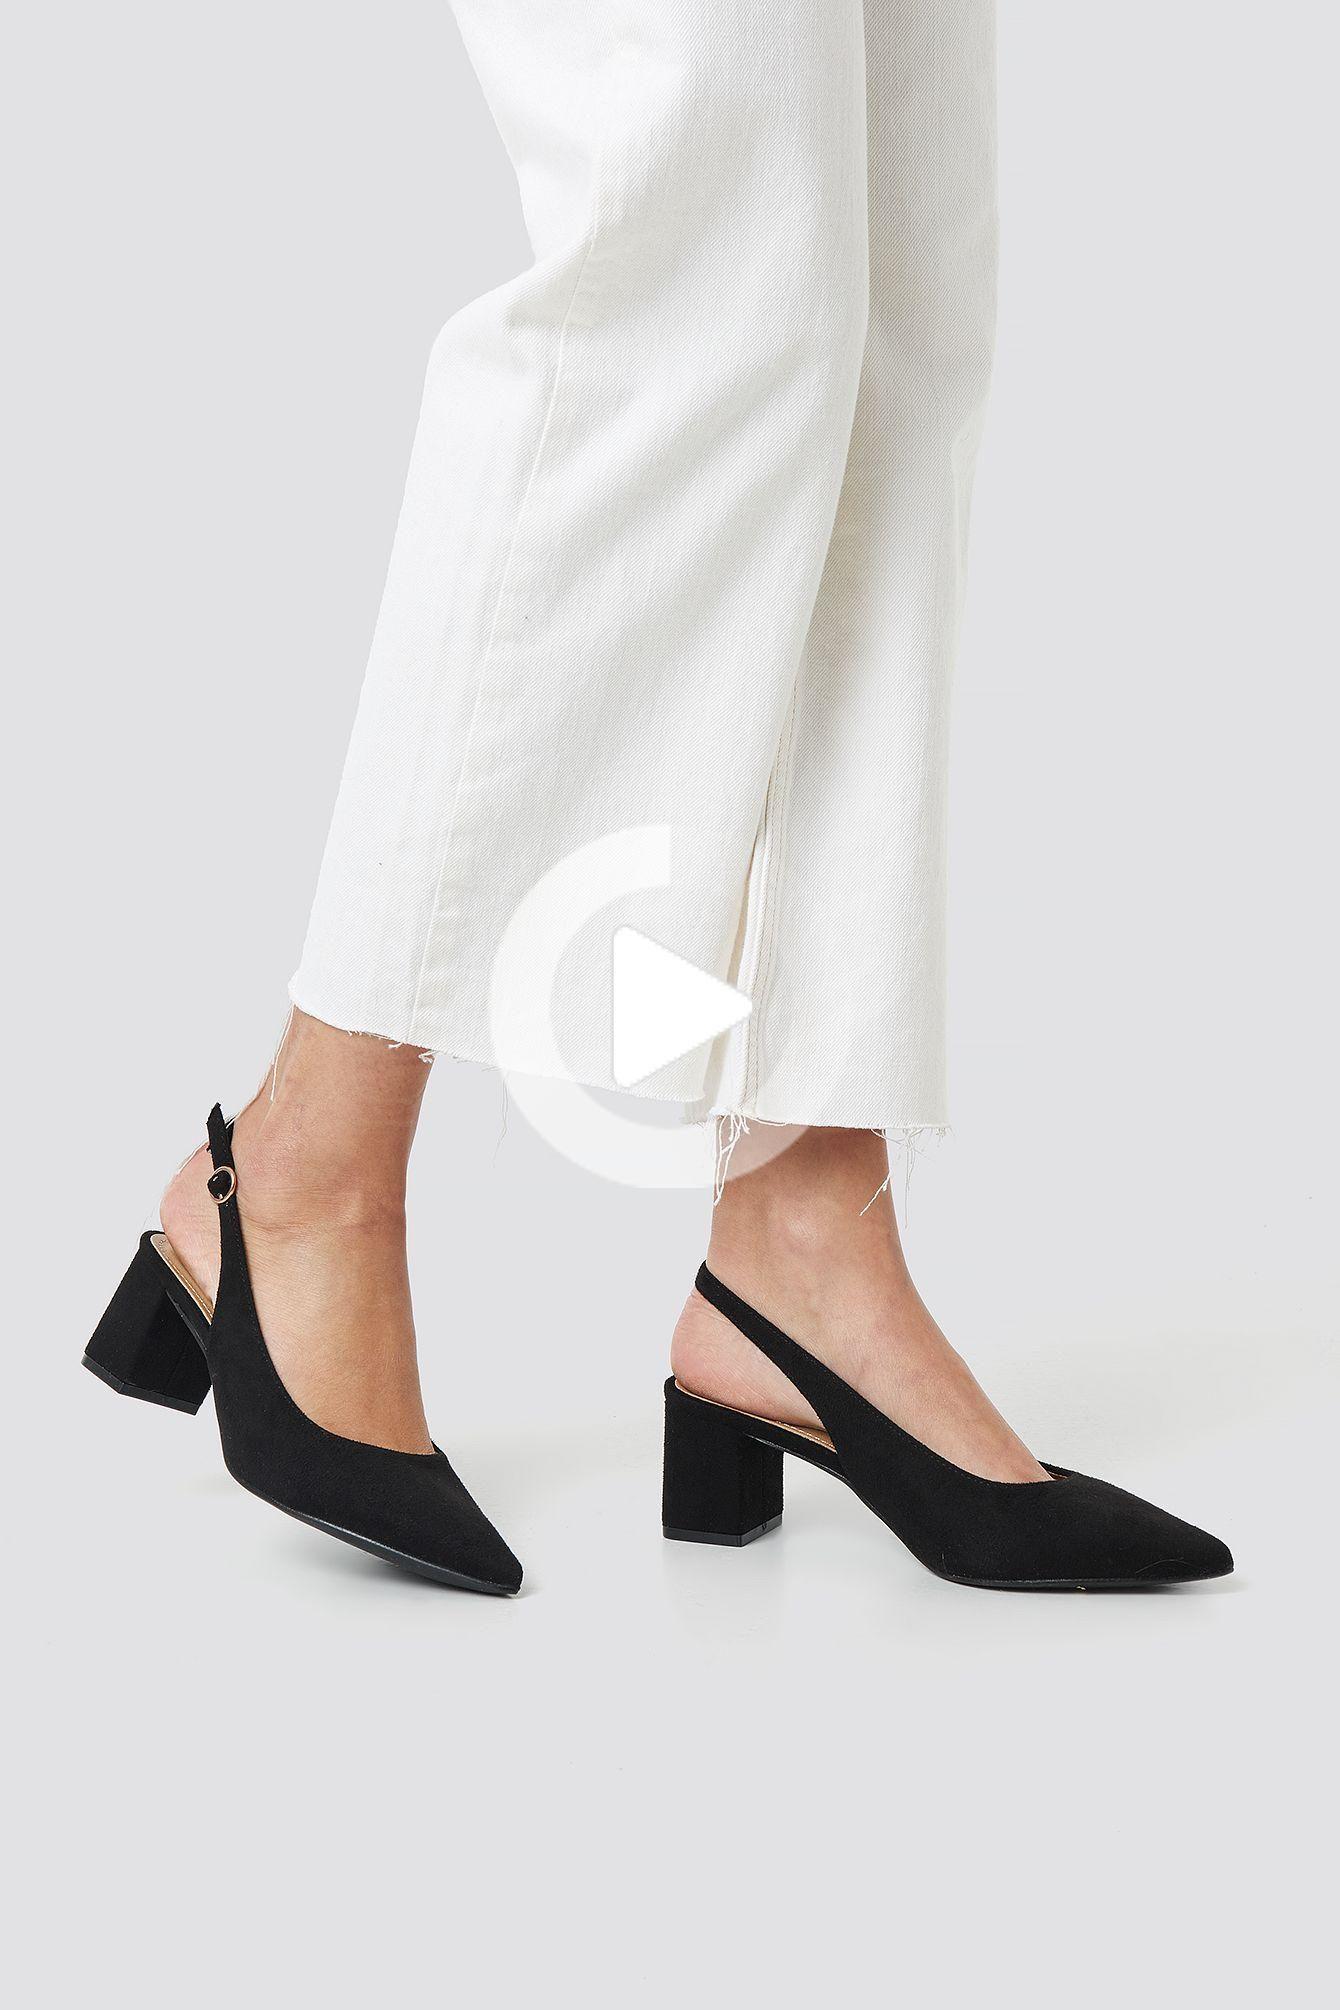 Talon Jemima Cour In 2020 Heels Court Heels Black Heels